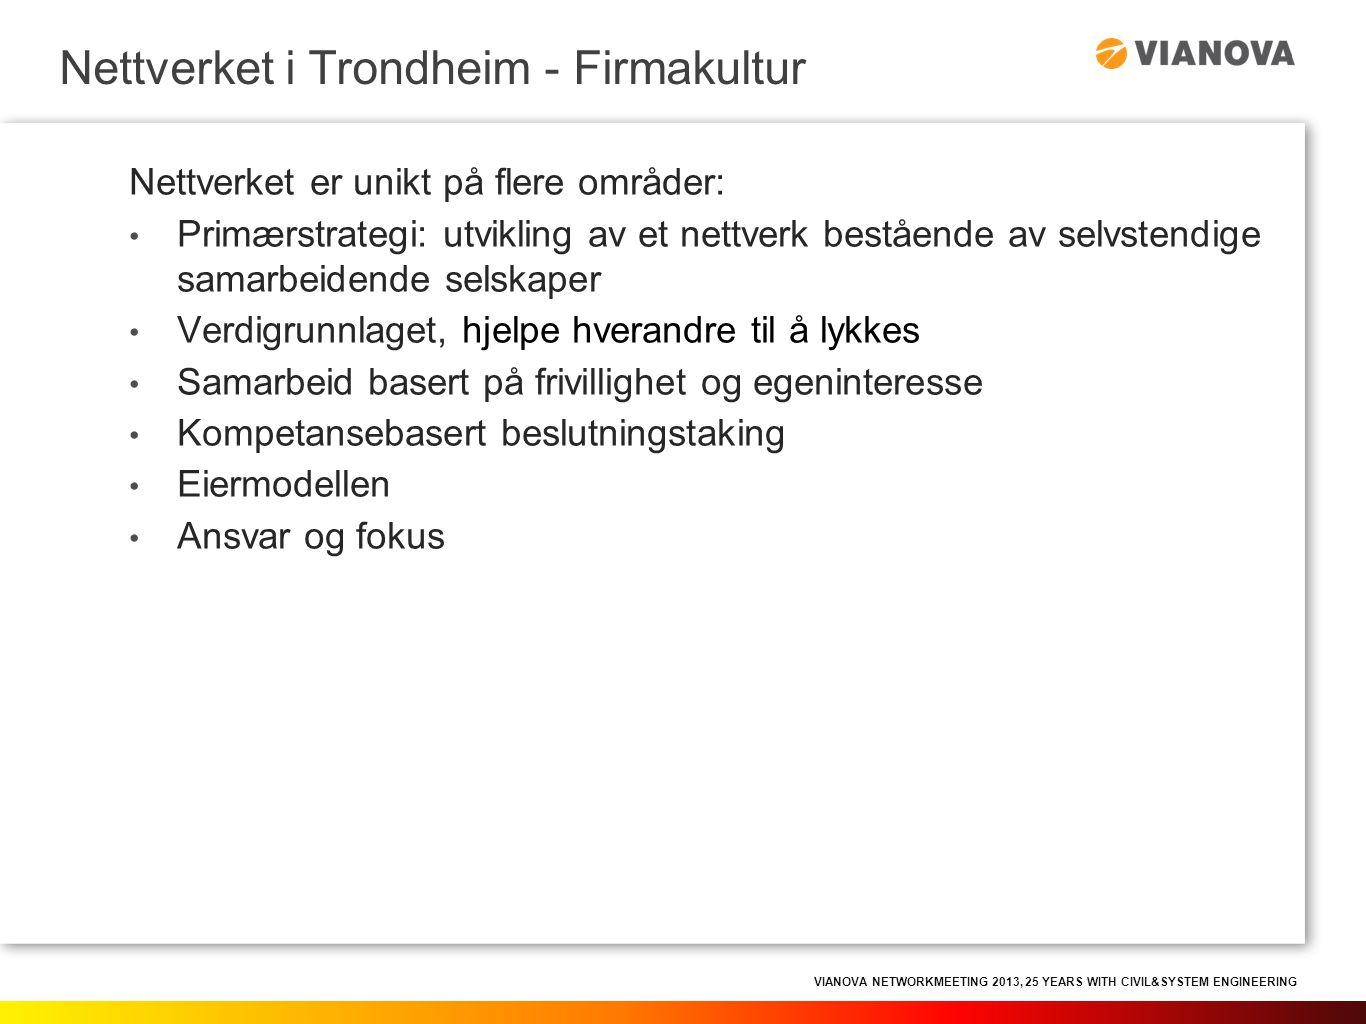 VIANOVA NETWORKMEETING 2013, 25 YEARS WITH CIVIL&SYSTEM ENGINEERING Nettverket er unikt på flere områder: • Primærstrategi: utvikling av et nettverk bestående av selvstendige samarbeidende selskaper • Verdigrunnlaget, hjelpe hverandre til å lykkes • Samarbeid basert på frivillighet og egeninteresse • Kompetansebasert beslutningstaking • Eiermodellen • Ansvar og fokus Nettverket i Trondheim - Firmakultur